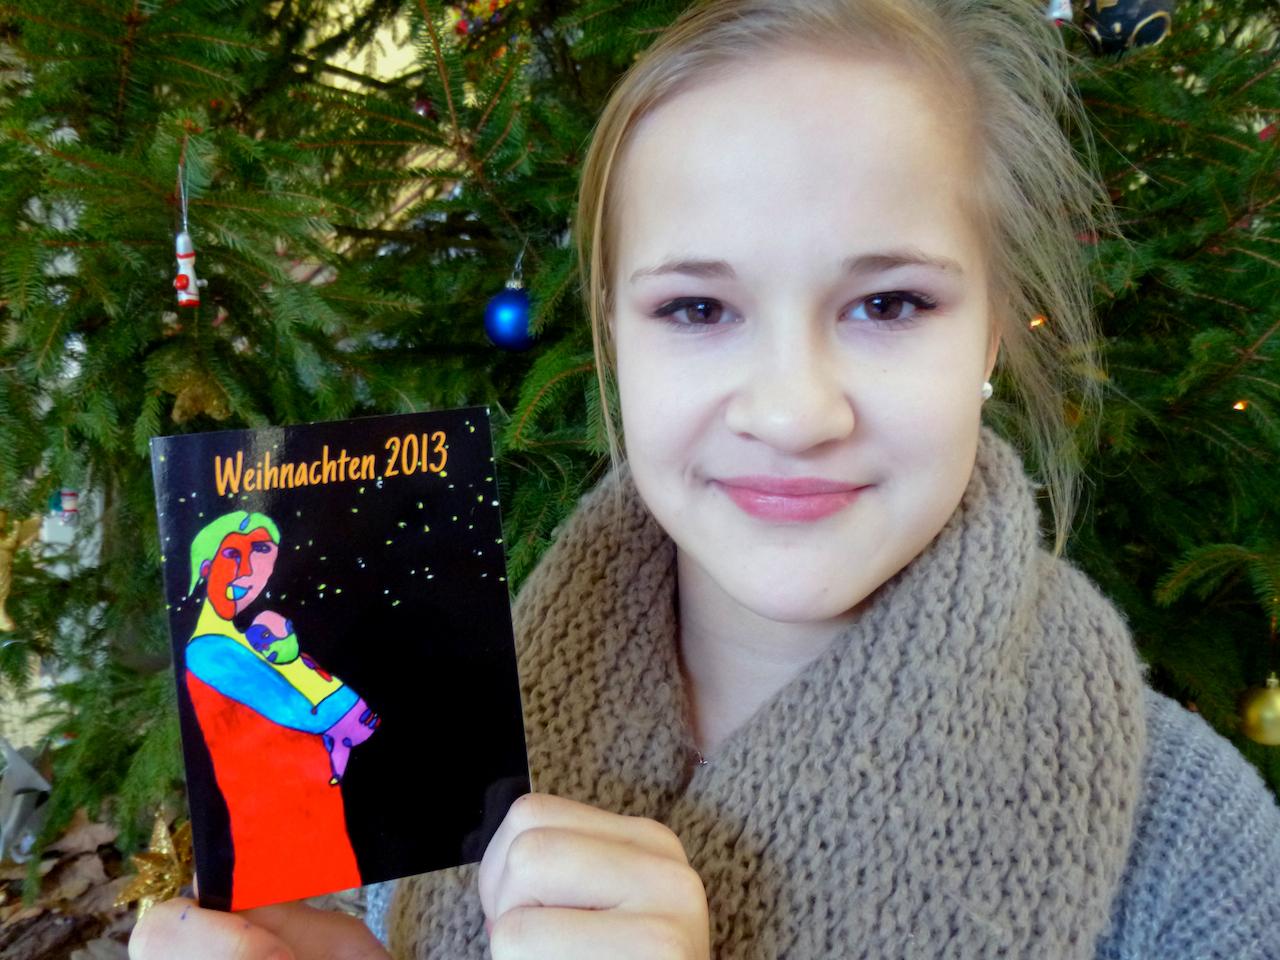 Modernes Marienbildnis als Weihnachtsgruß